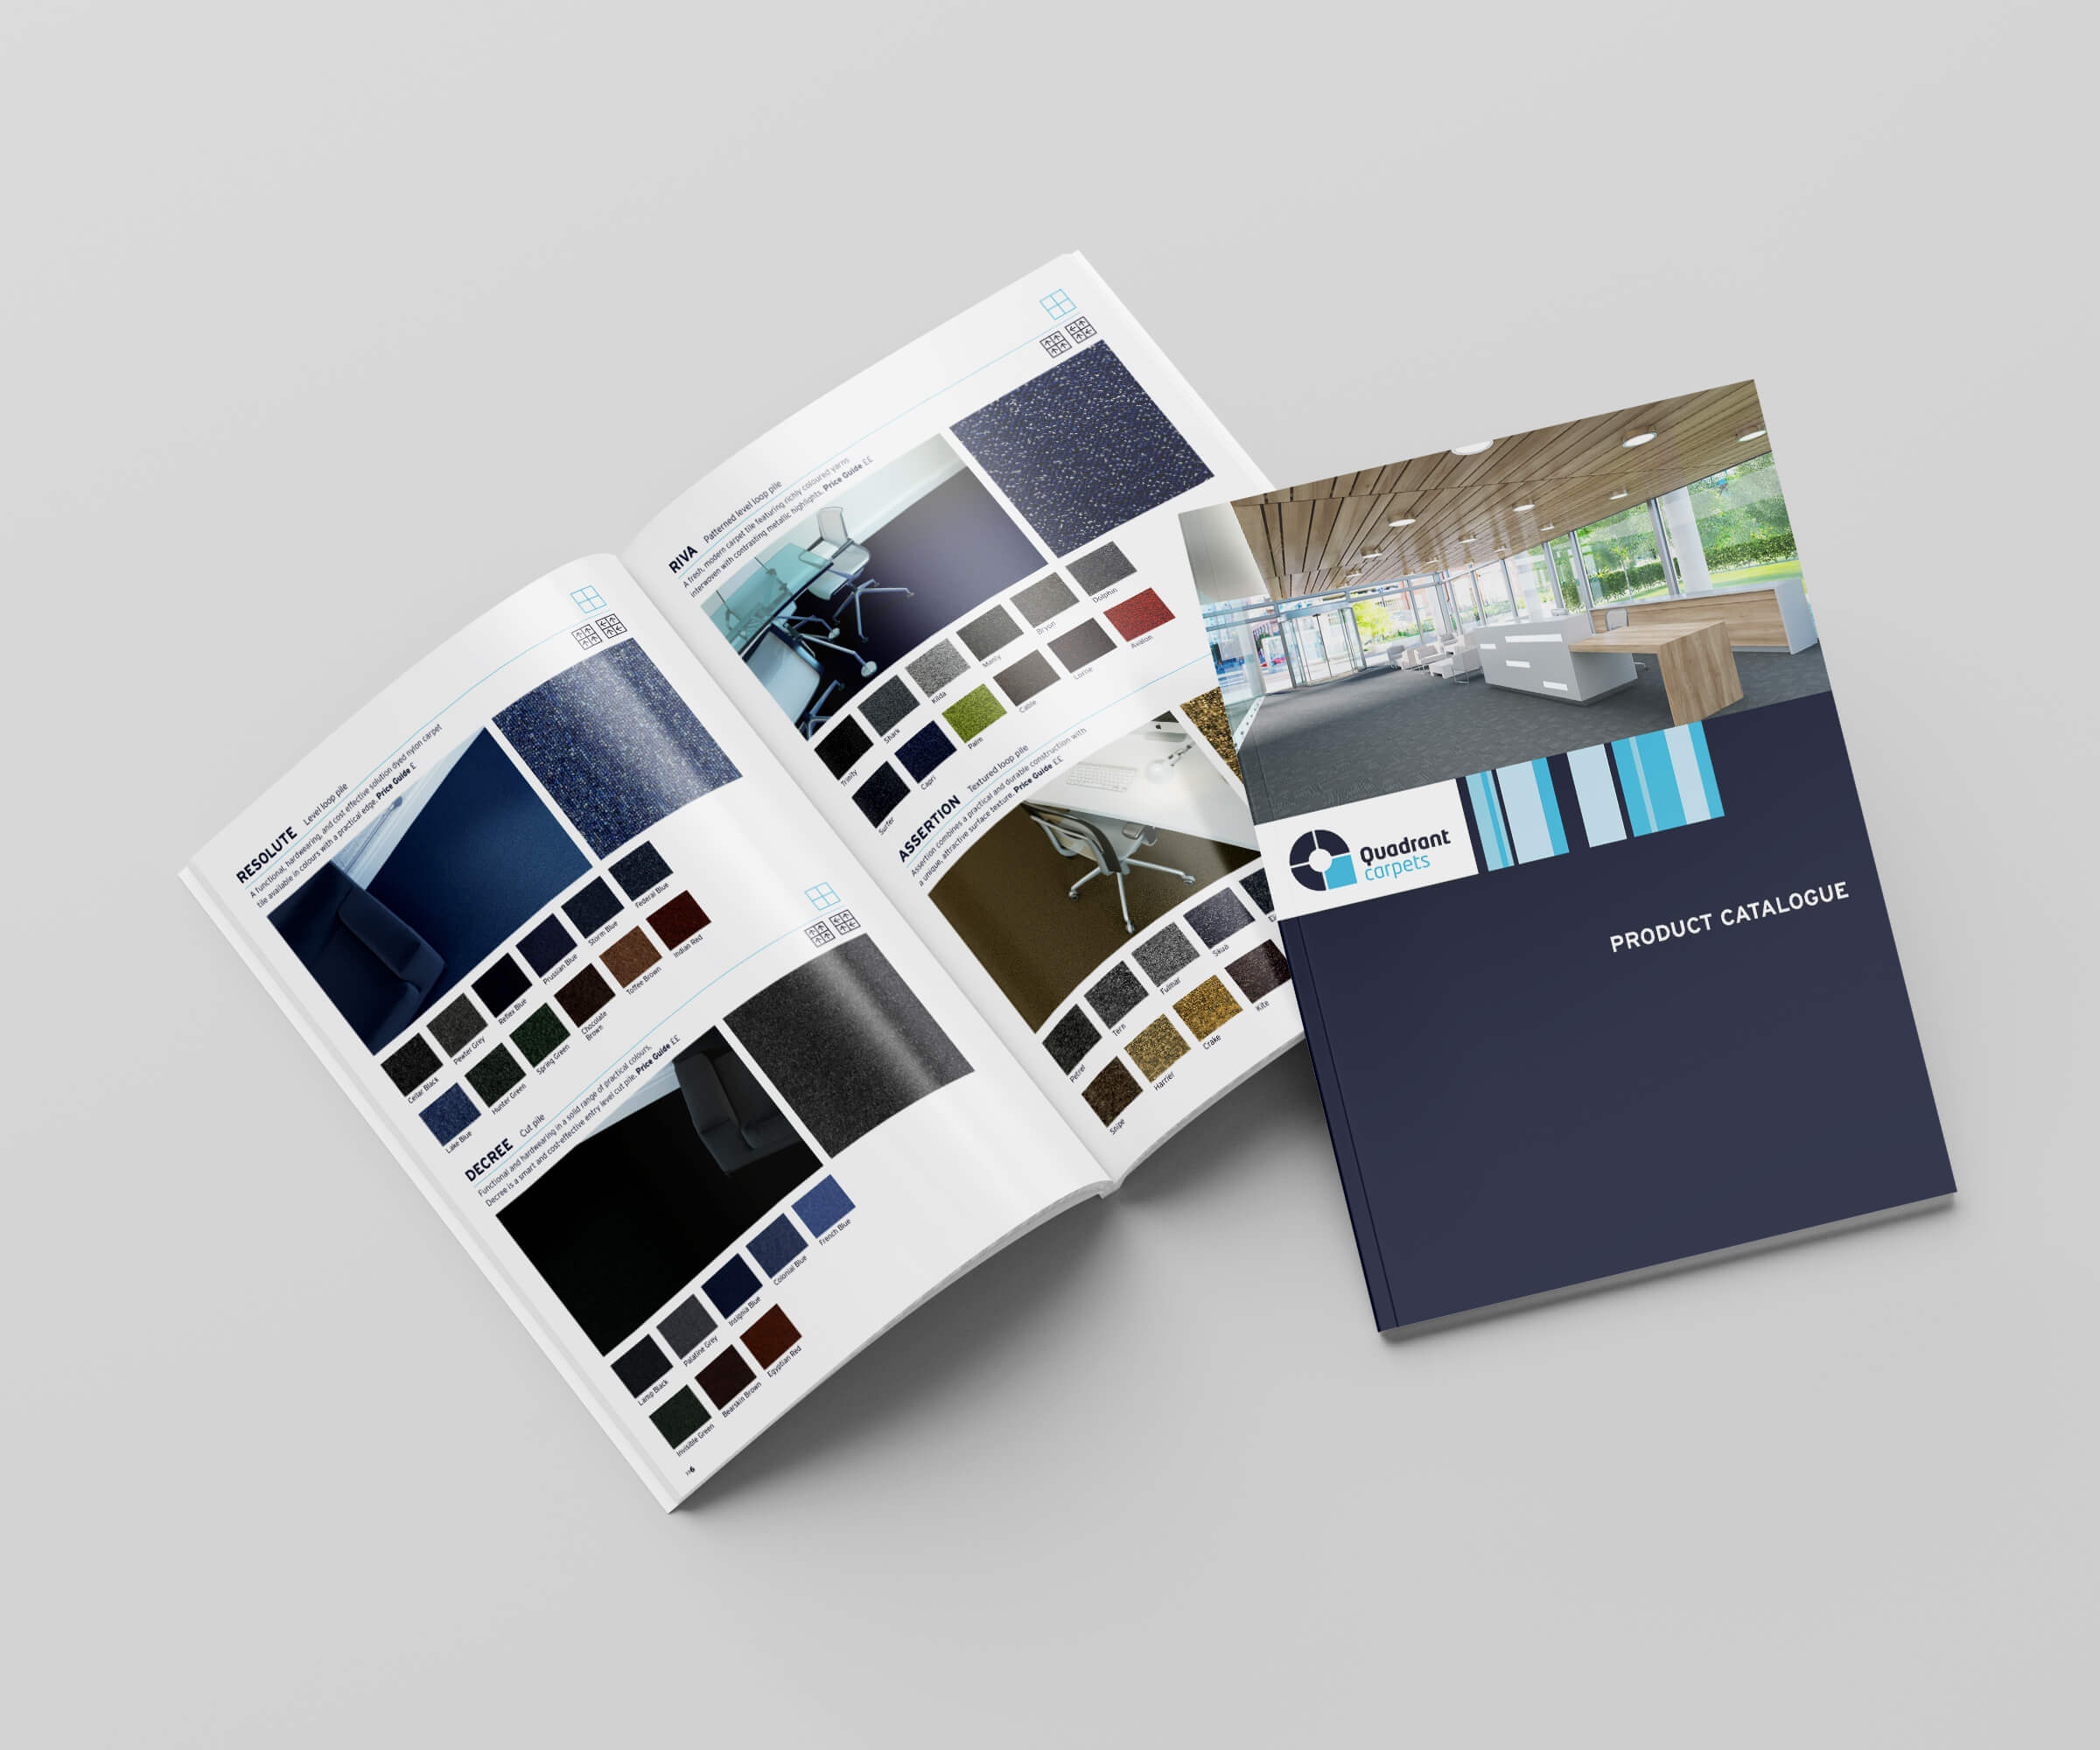 Quadrant product brochure